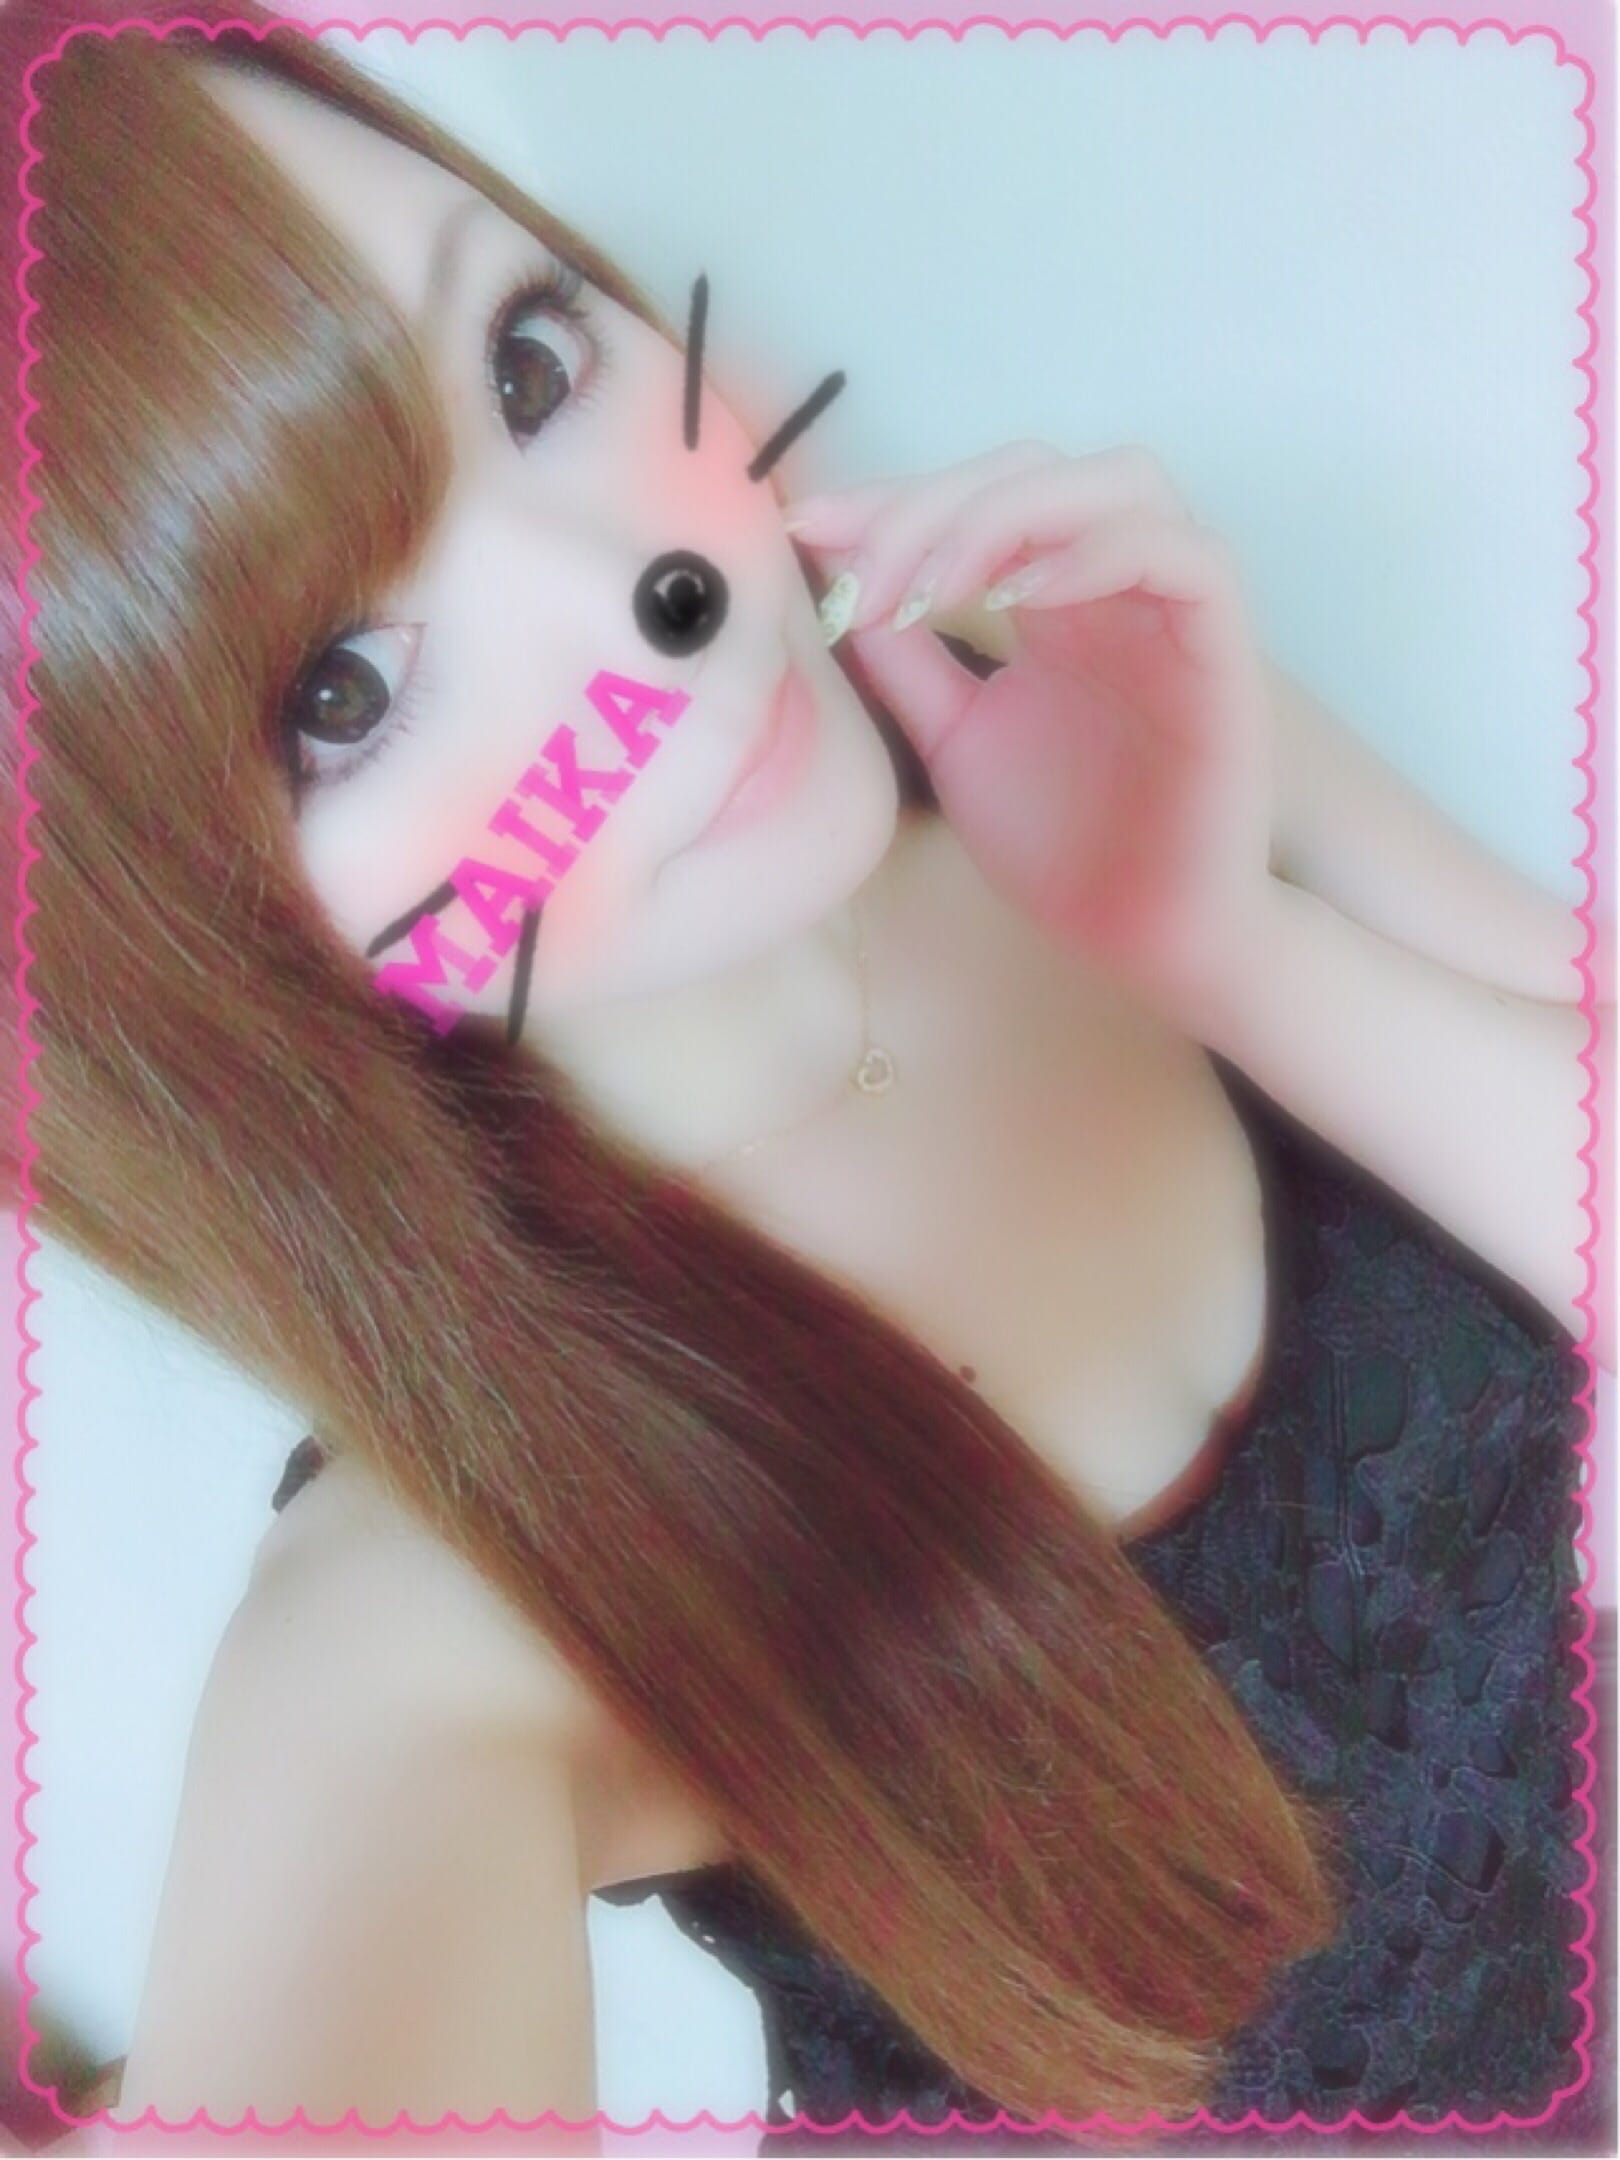 「♡スベスベお肌♡」06/18日(月) 13:14 | まいかの写メ・風俗動画